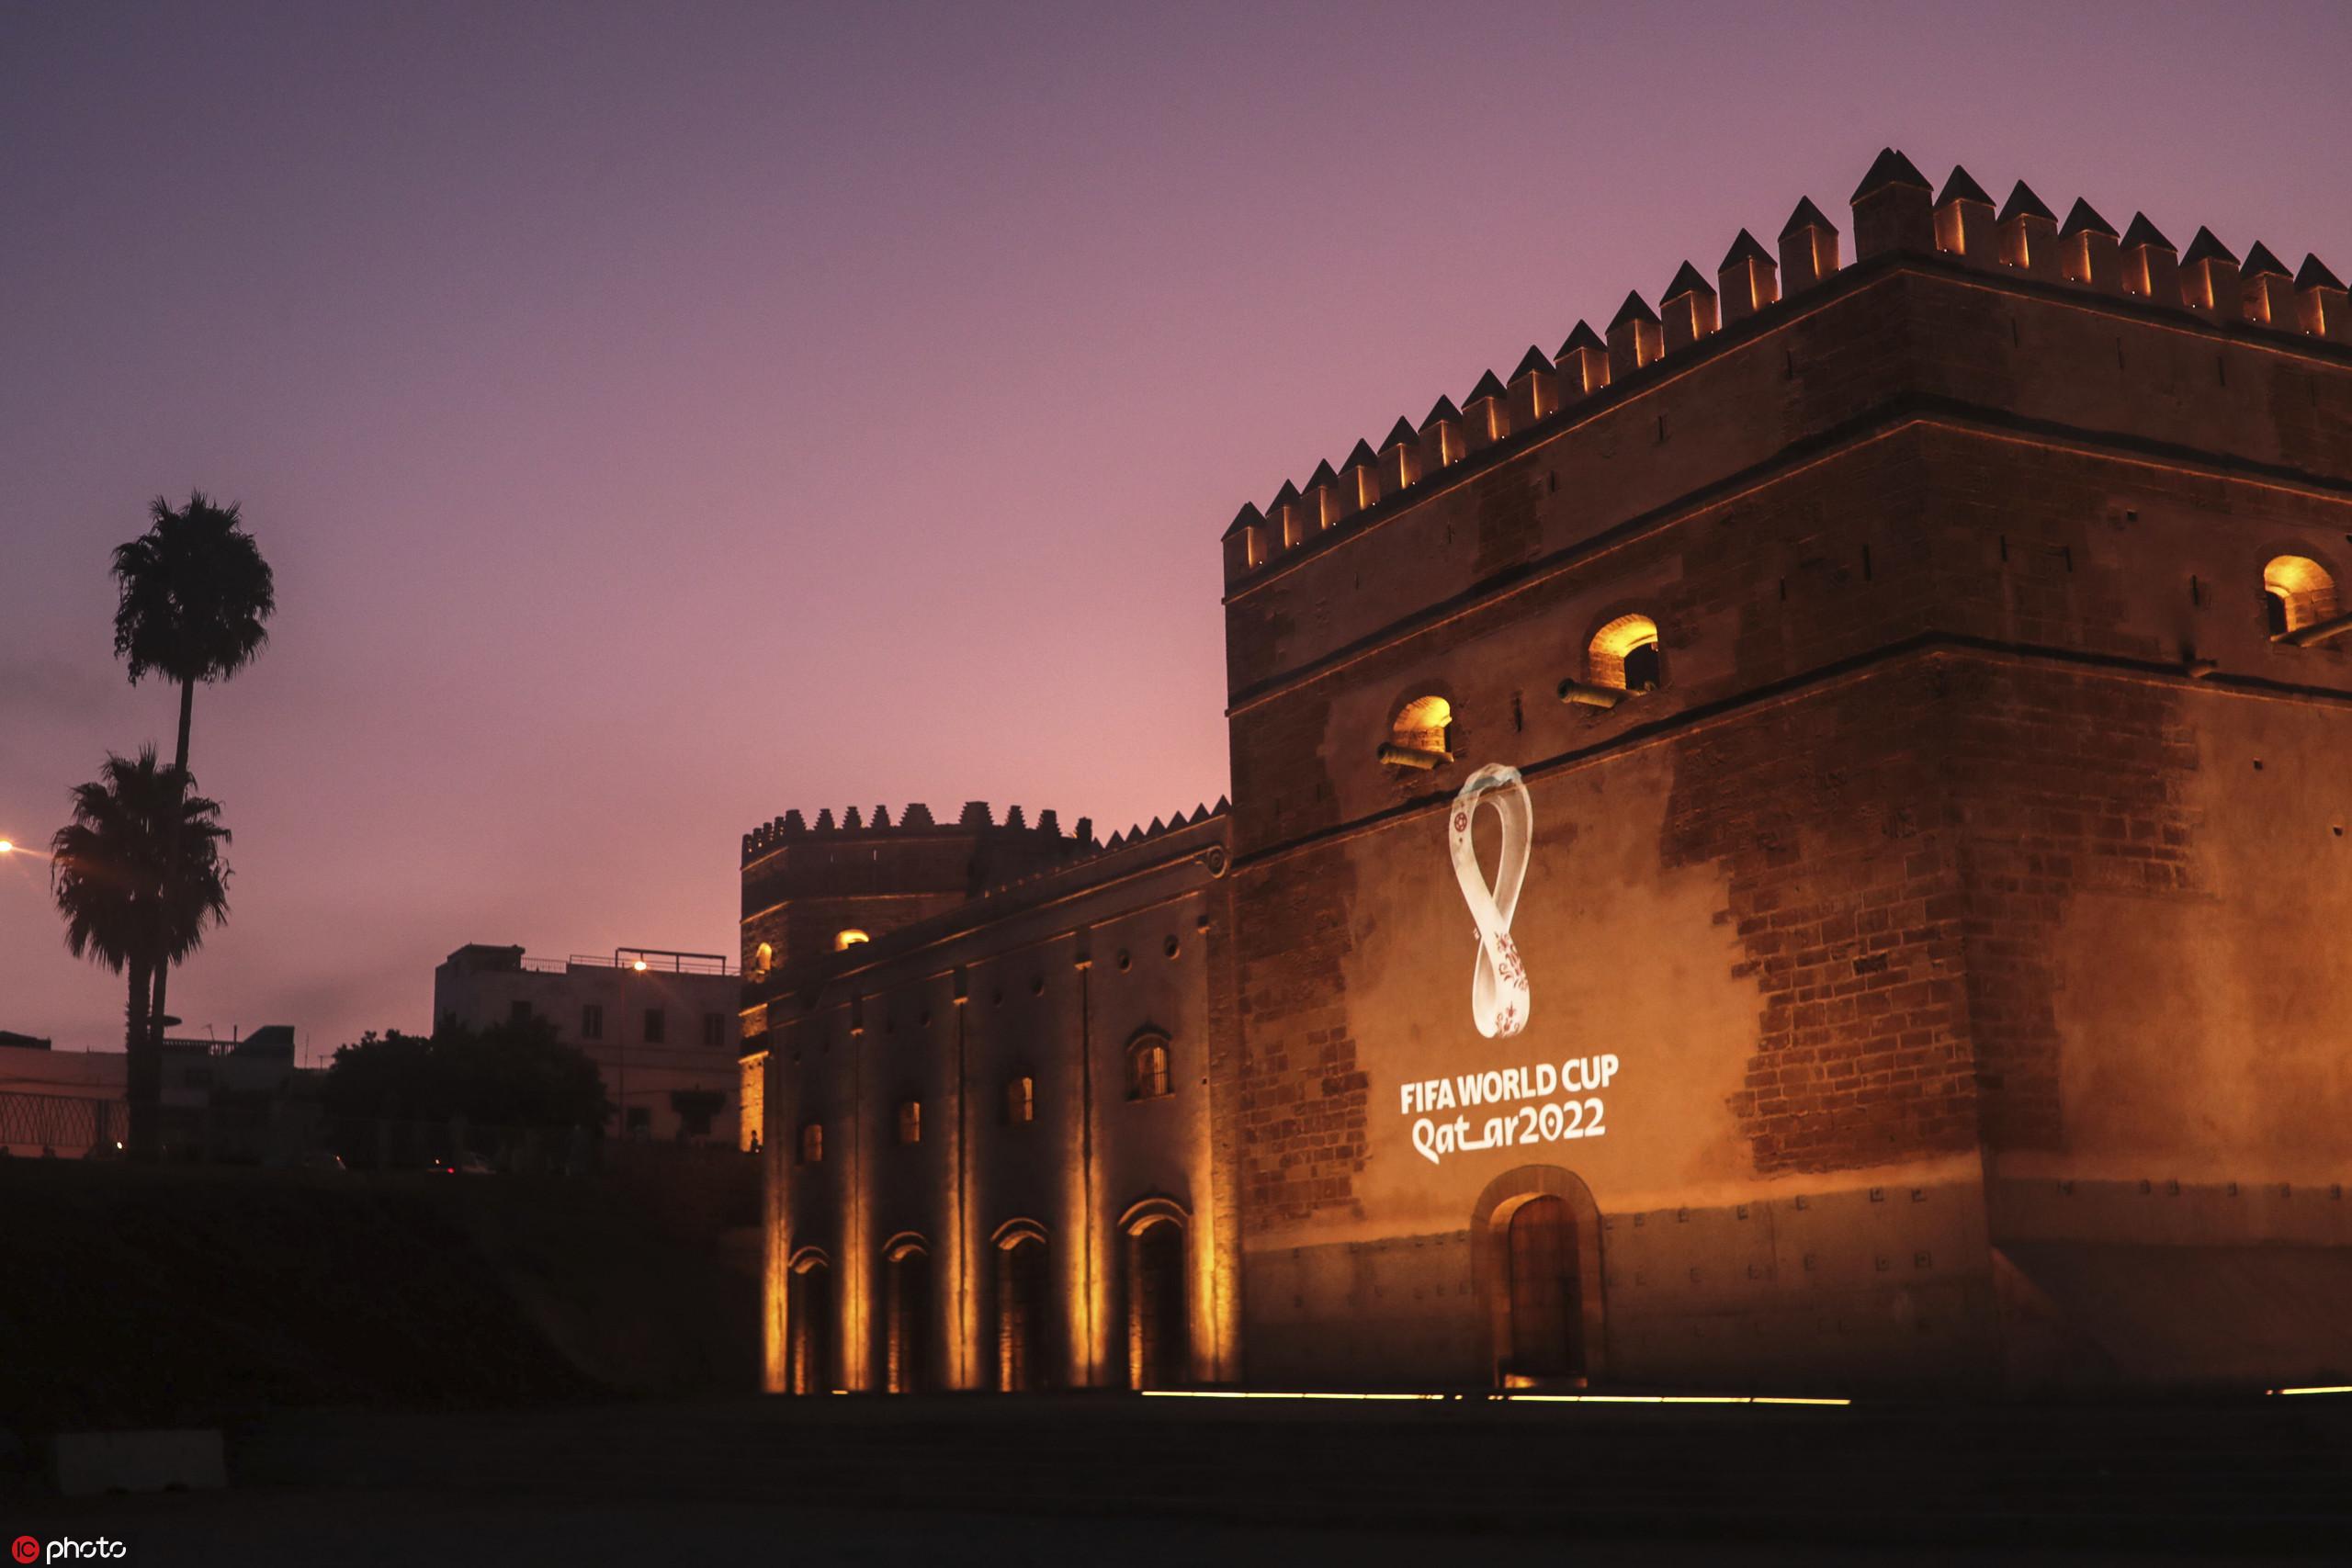 多图流:多国地标建筑展示卡塔尔世界杯新logo